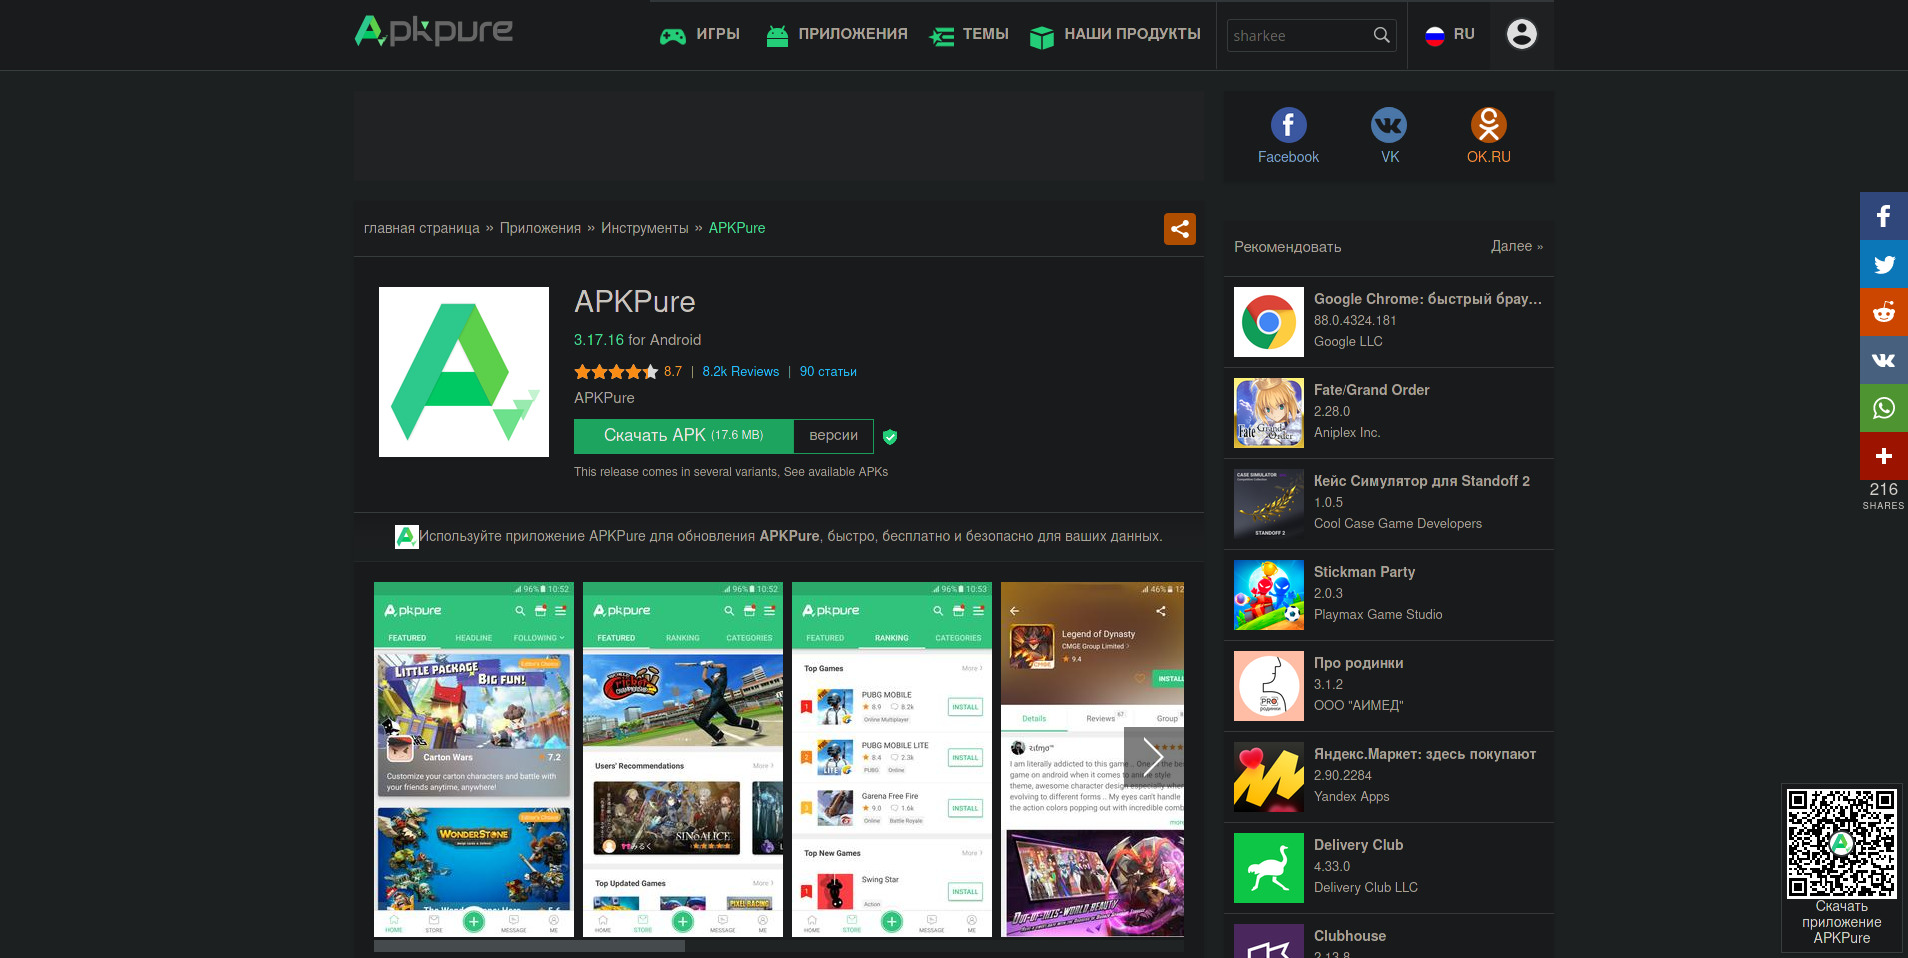 APK-приложение Яндекс Маркет